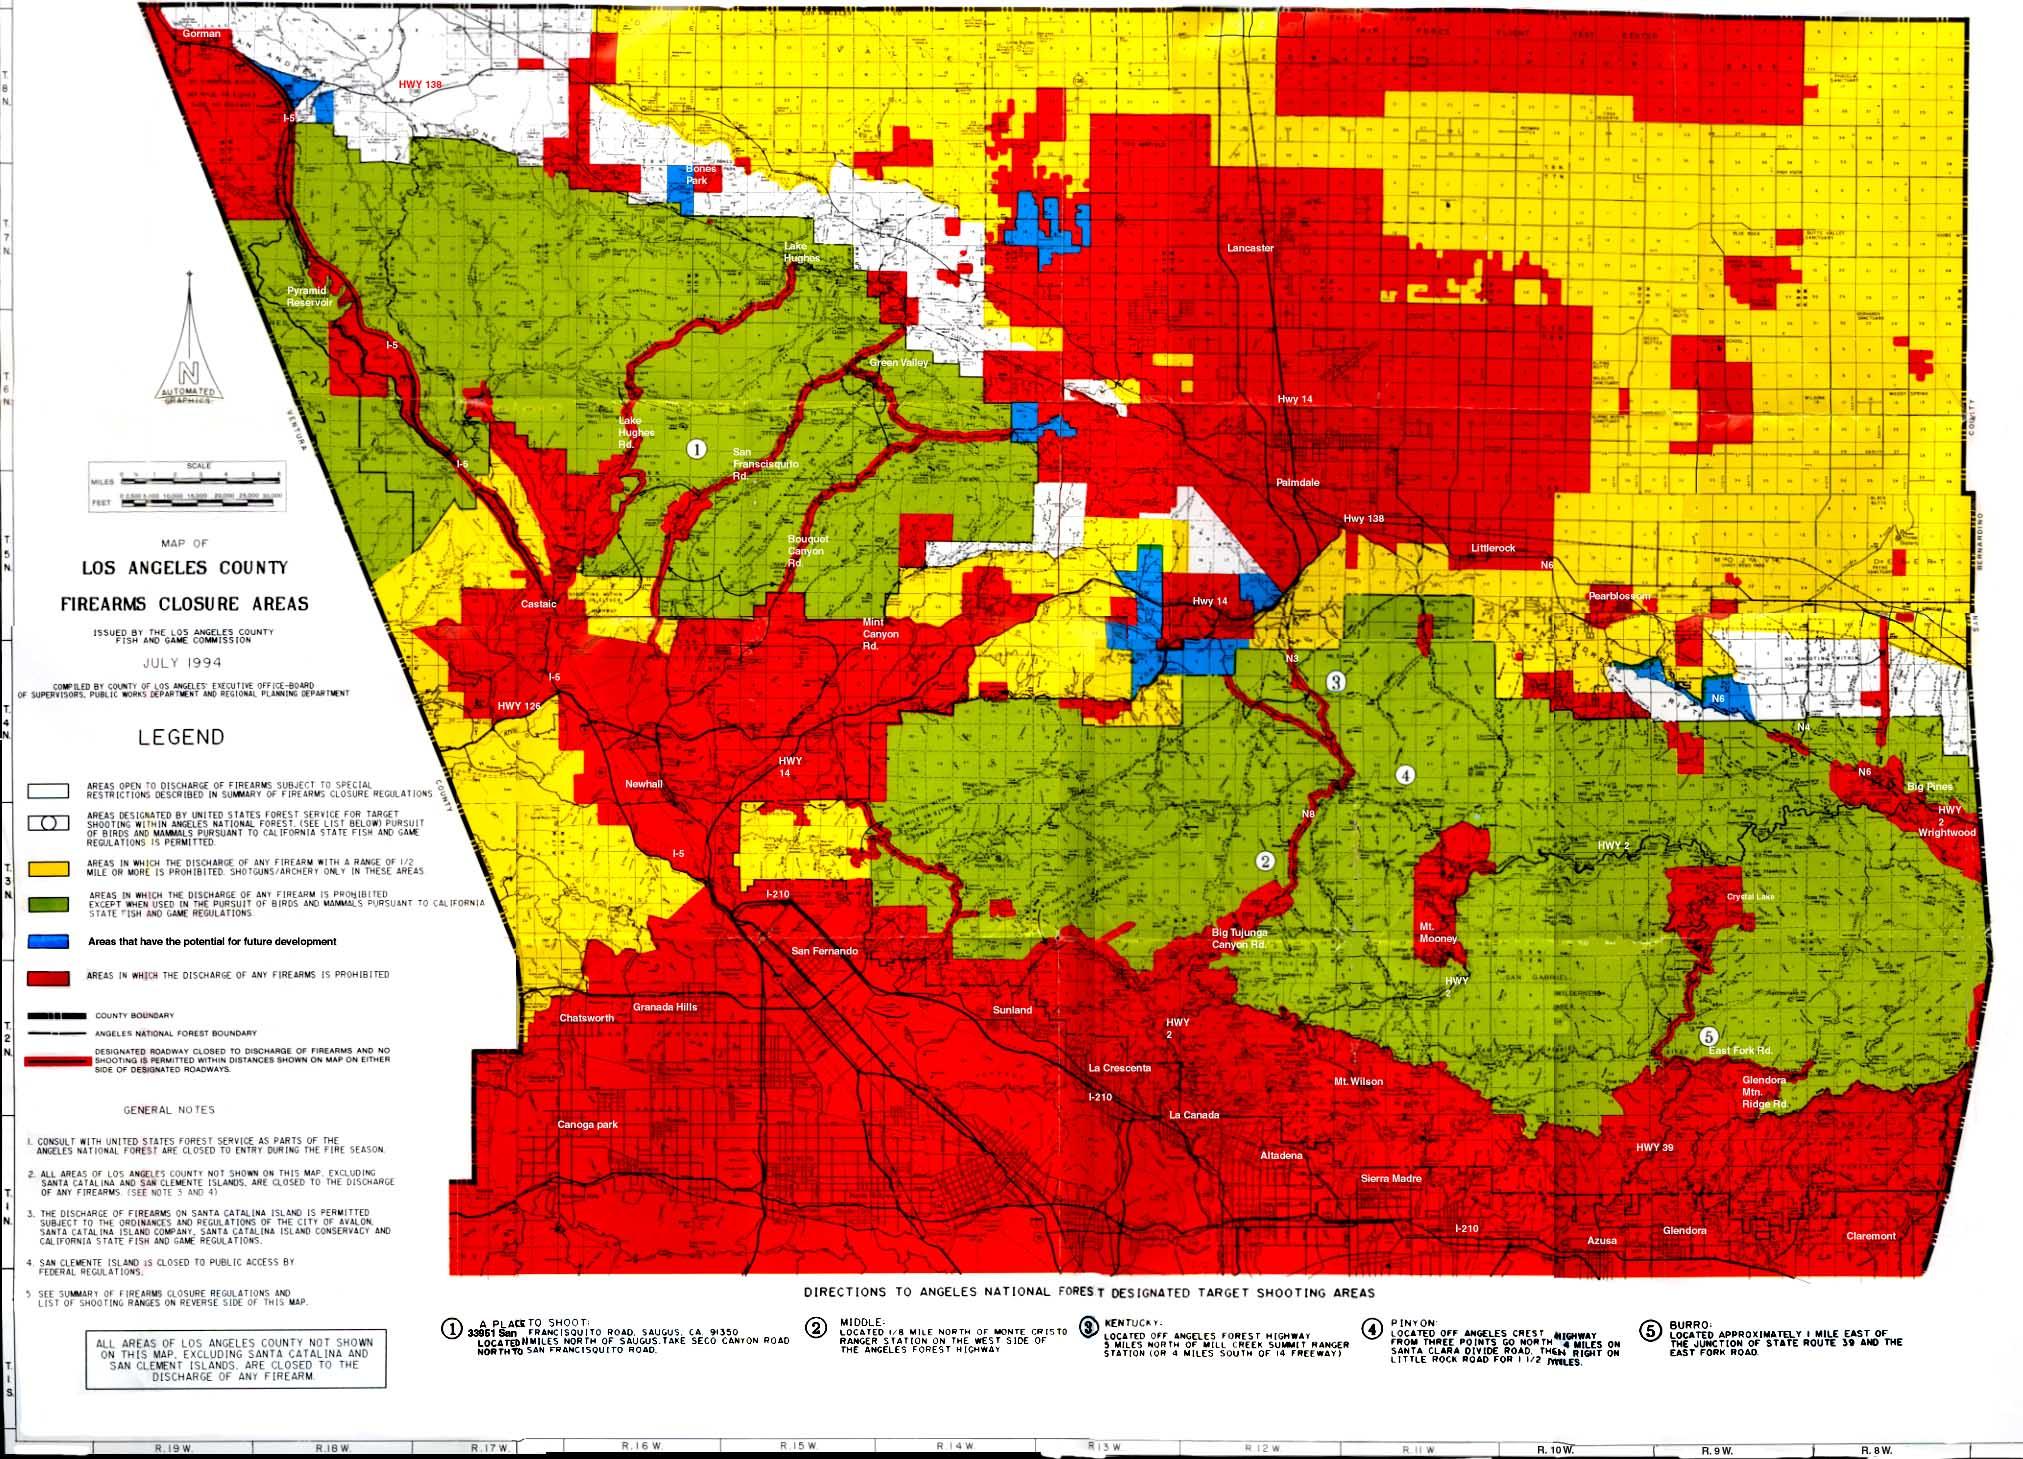 Blm Maps California California River Map Blm Map California Big Of - California Blm Camping Map